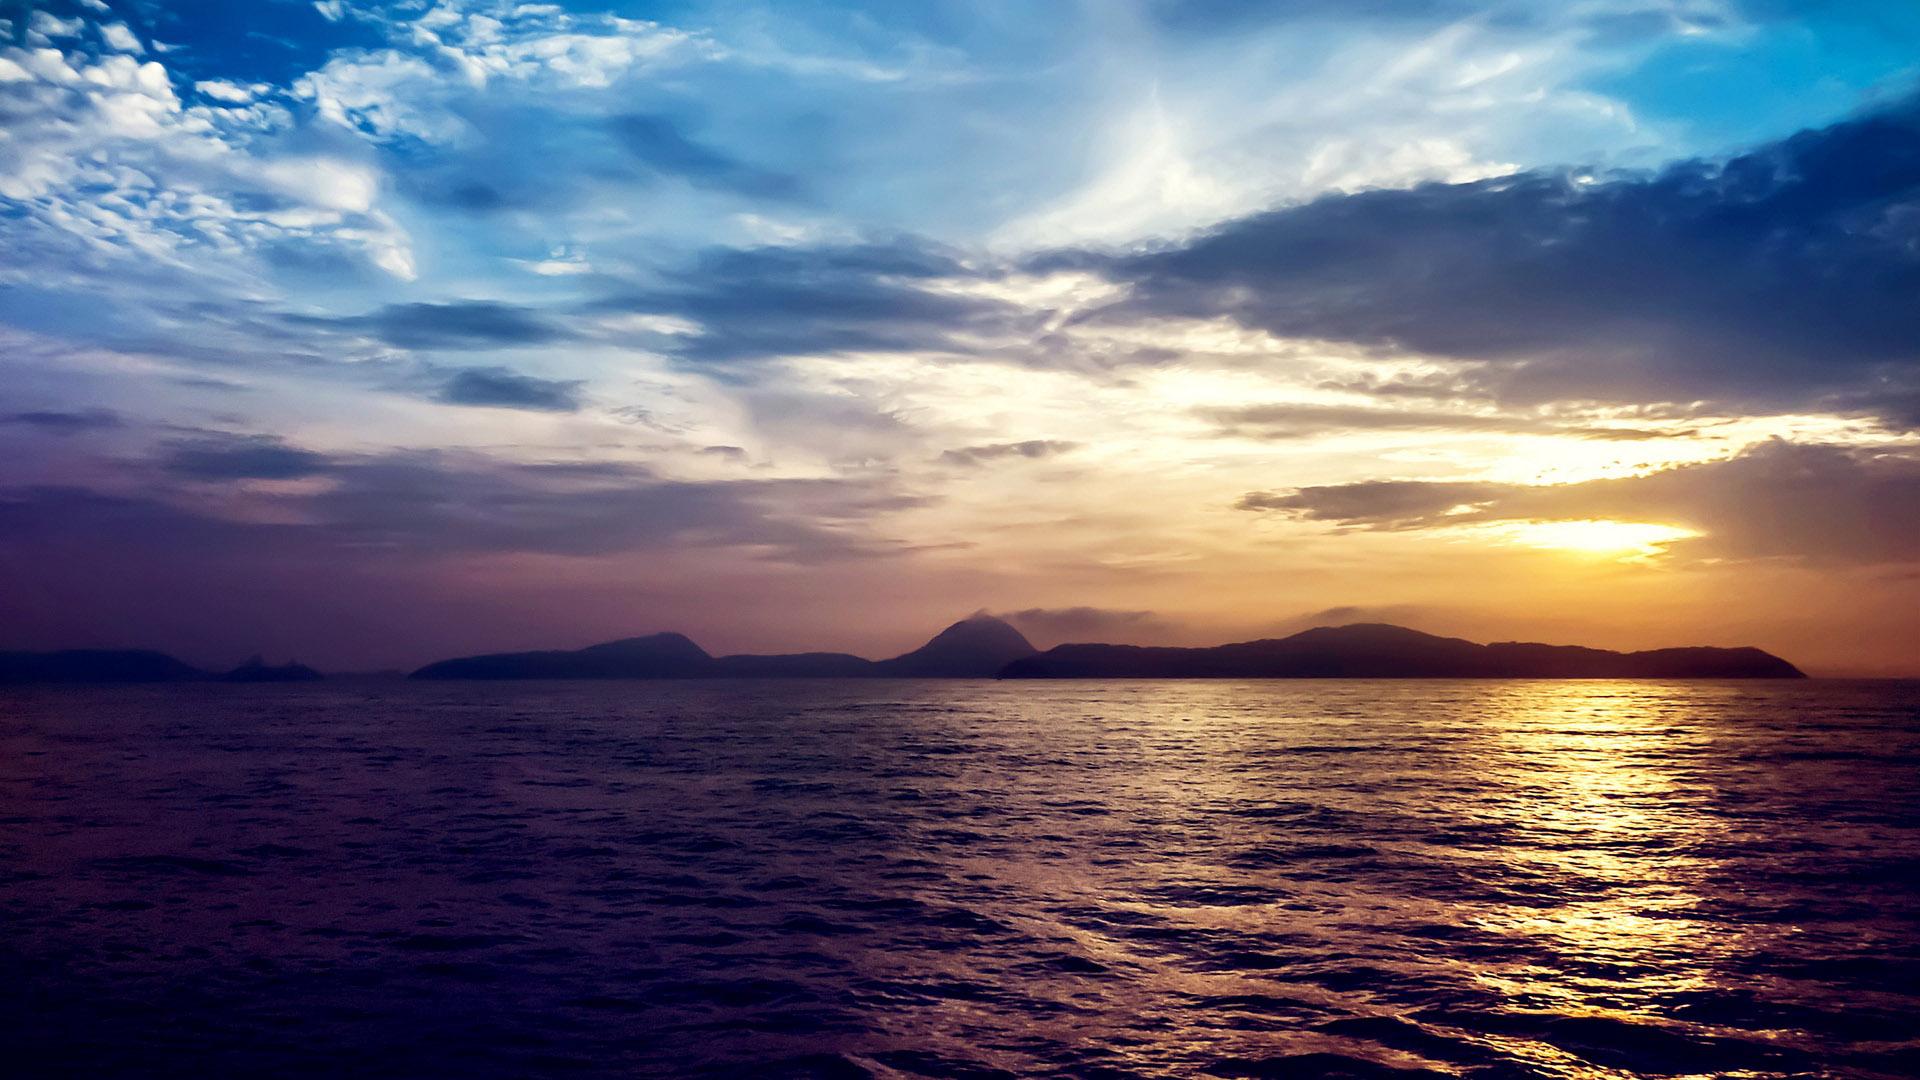 Красивые обои моря и пляжа на рабочий стол - подборка 2018 12